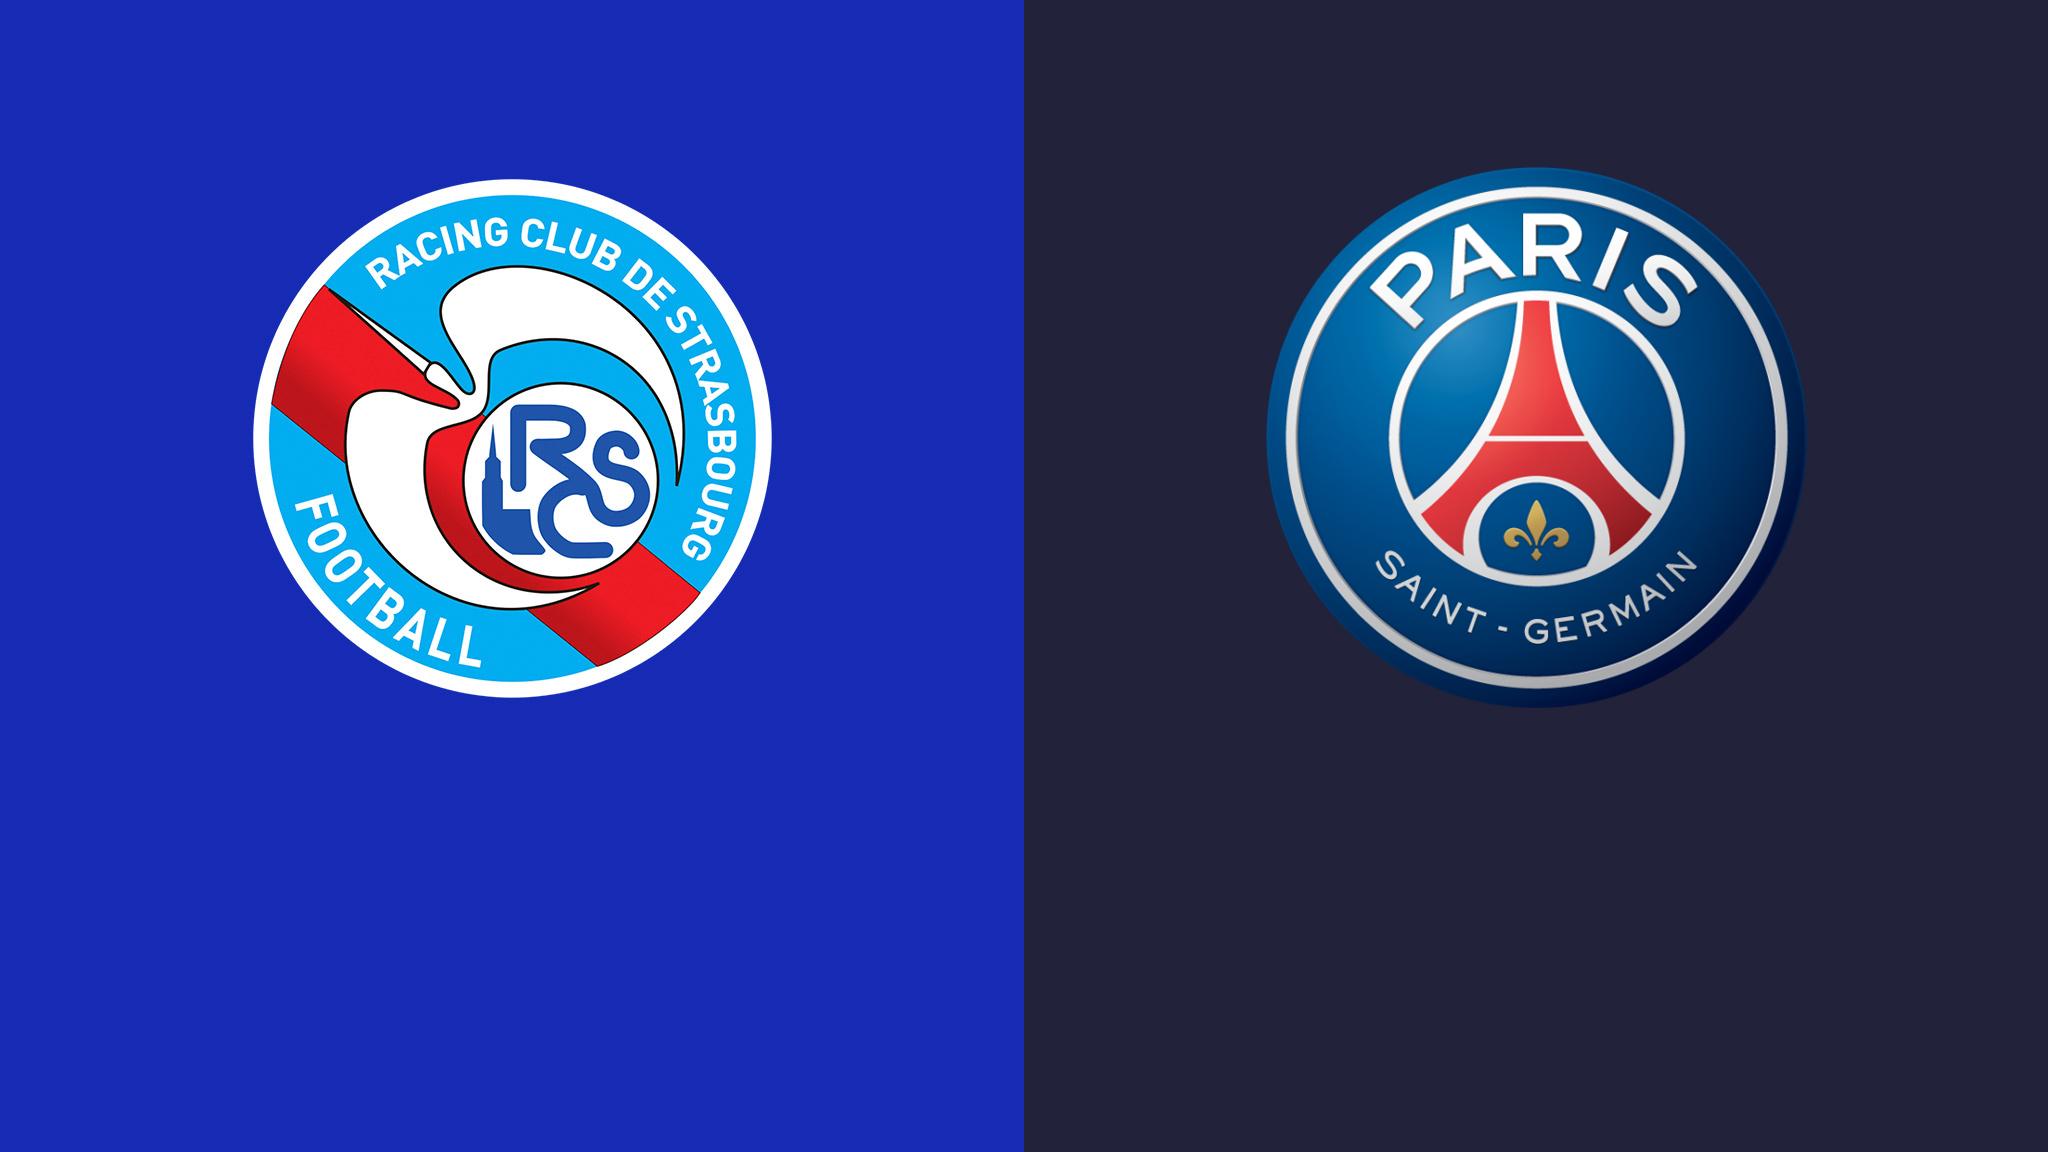 پاری سن ژرمن-استراسبورگ-لیگ یک فرانسه-فرانسه-لوشامپیونه-PSG-France-League 1